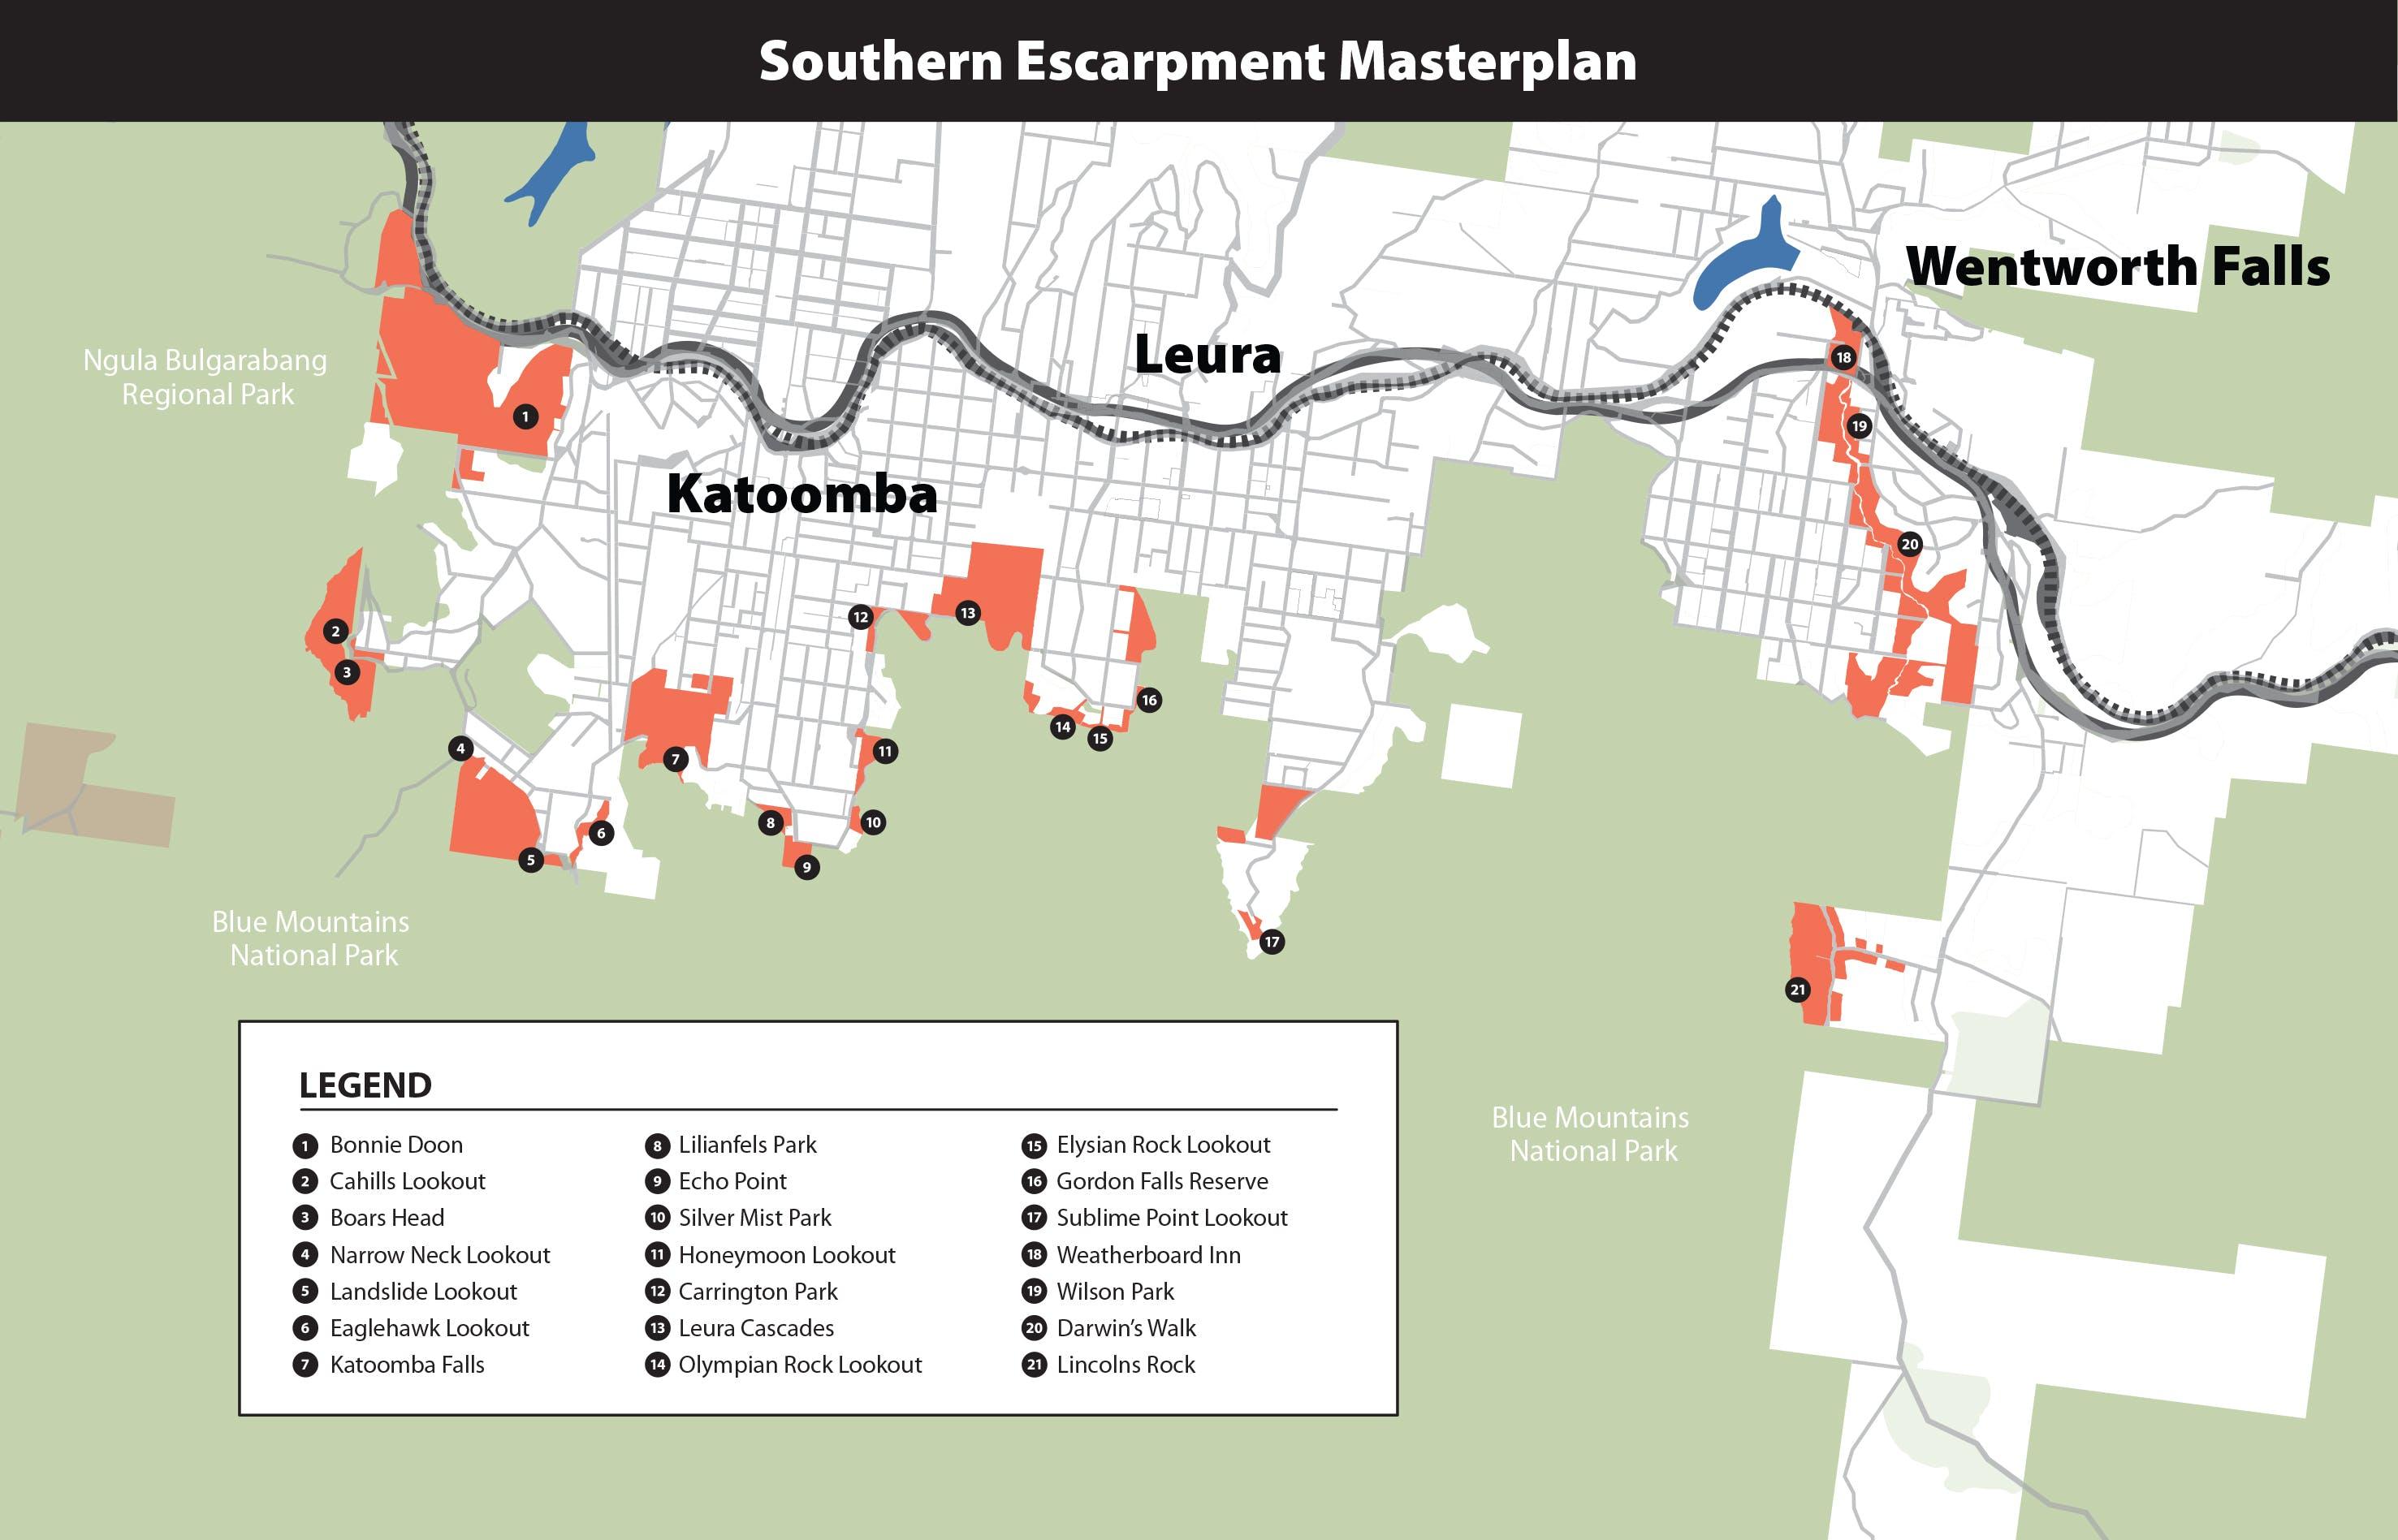 Southern Escarpment Masterplan Map